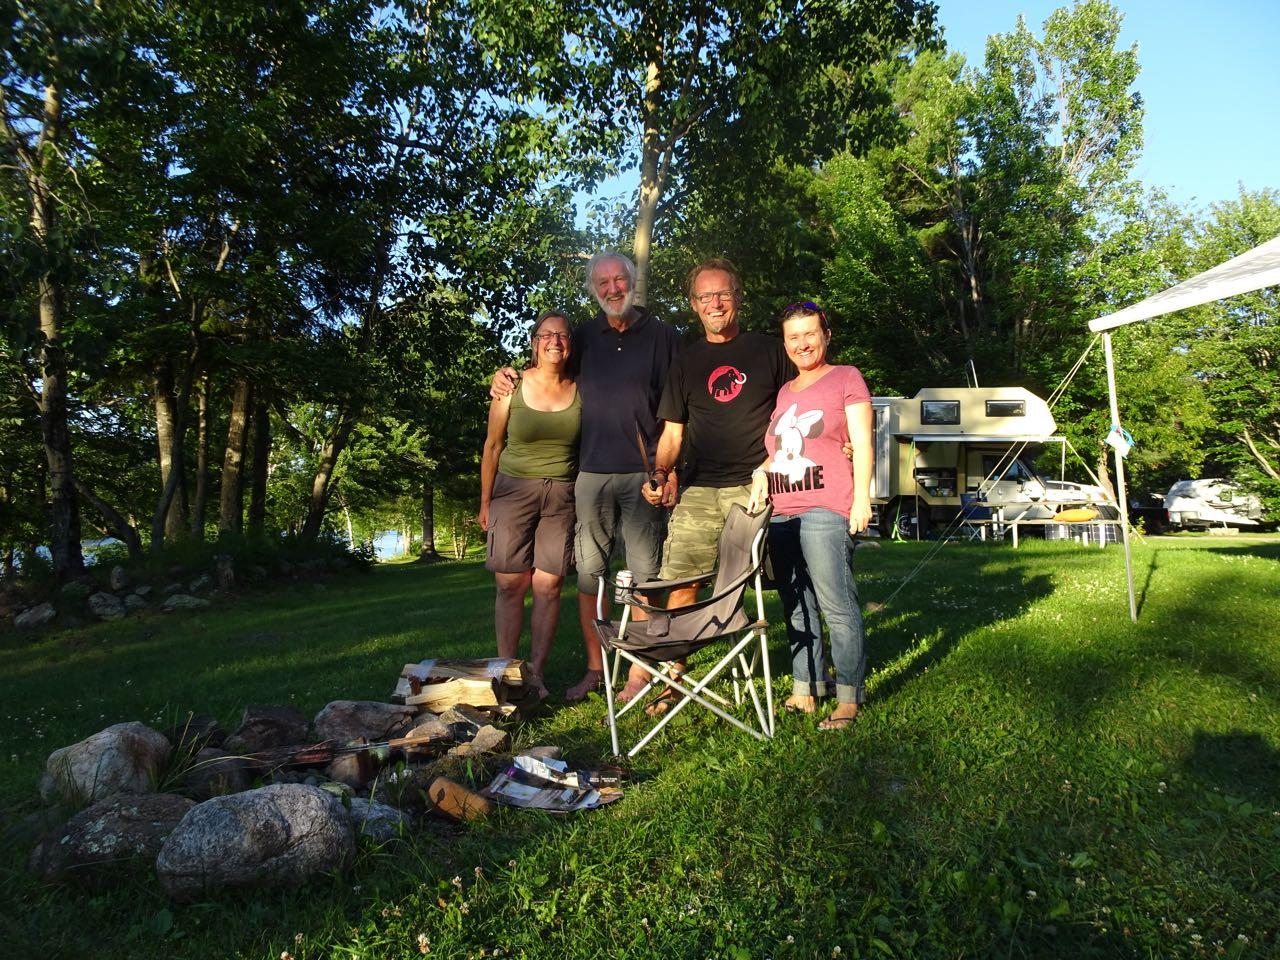 Mit Sylvia & Richard - Danke, hat Spass gemacht!